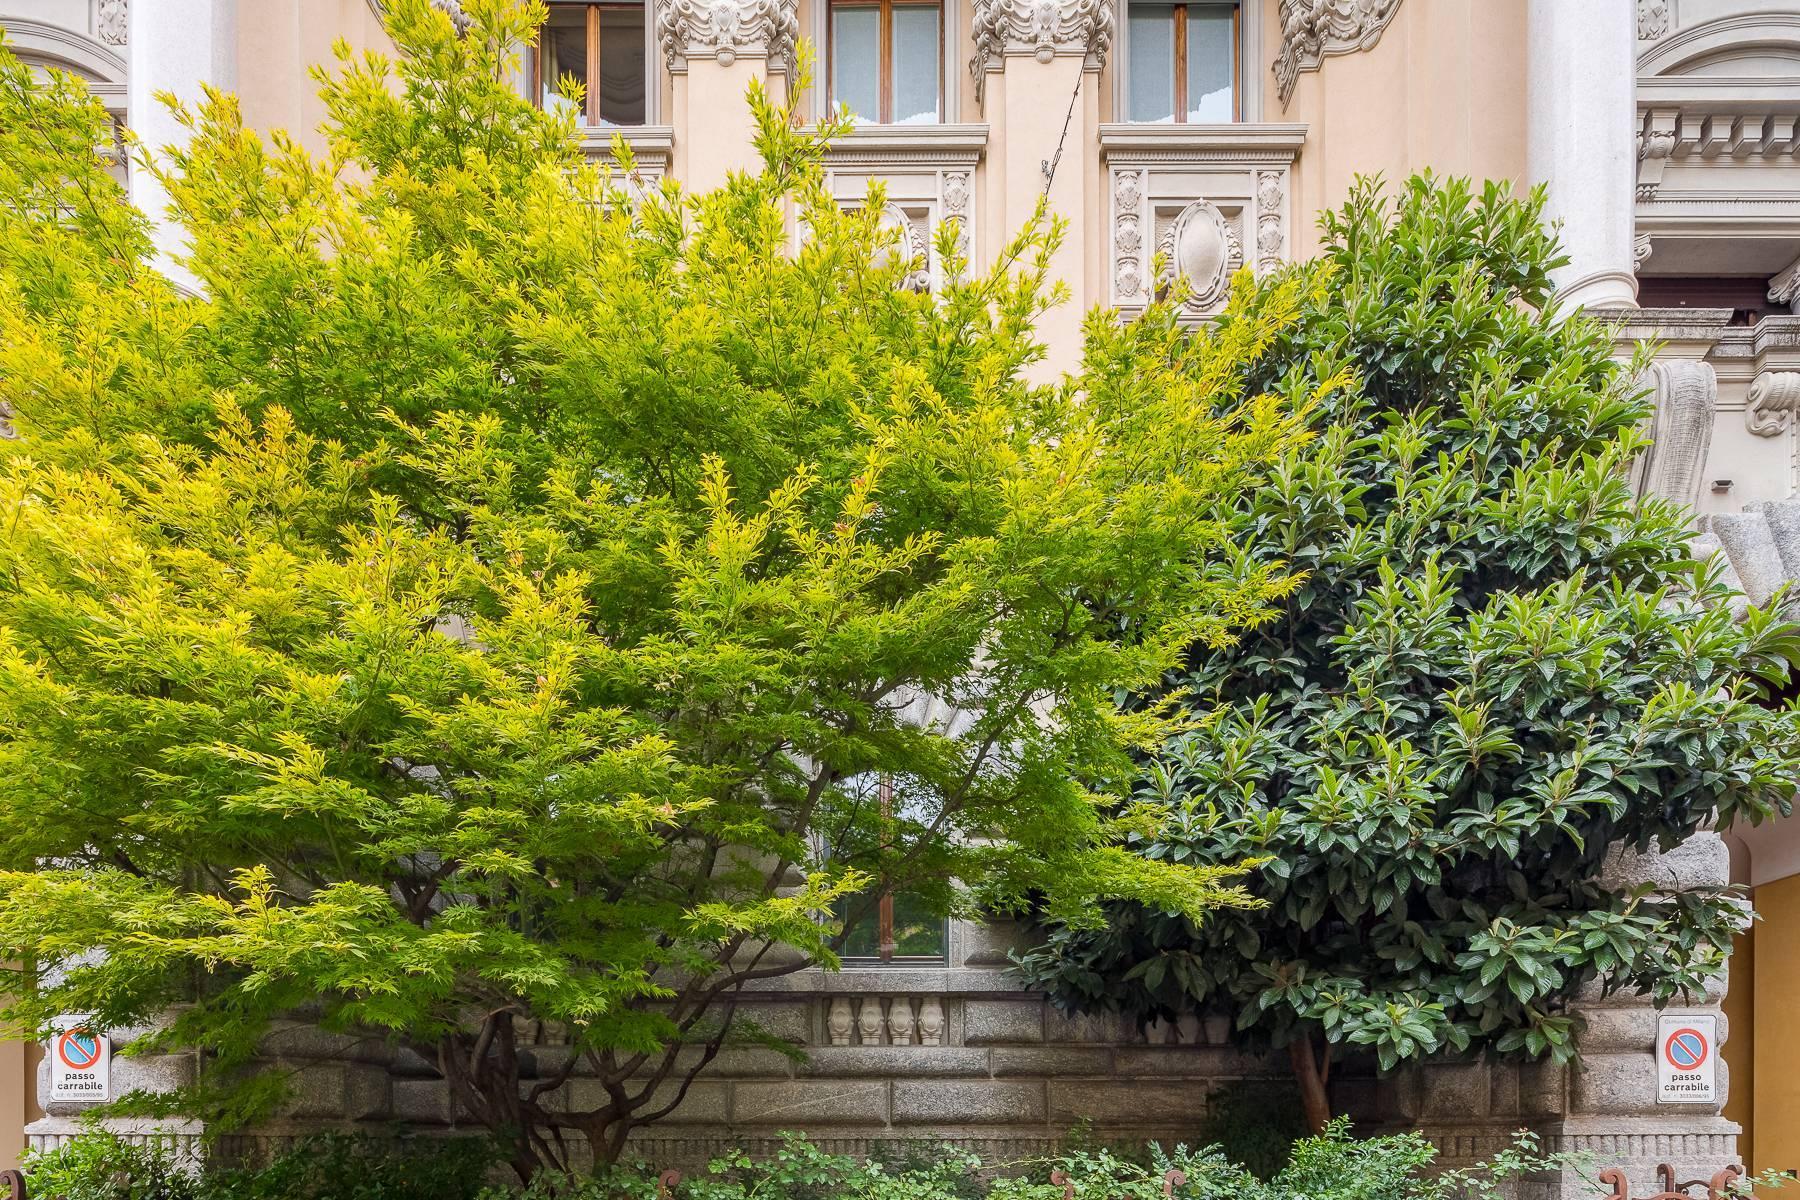 Renovierte Wohnung im eleganten antiken Gebäude - 20